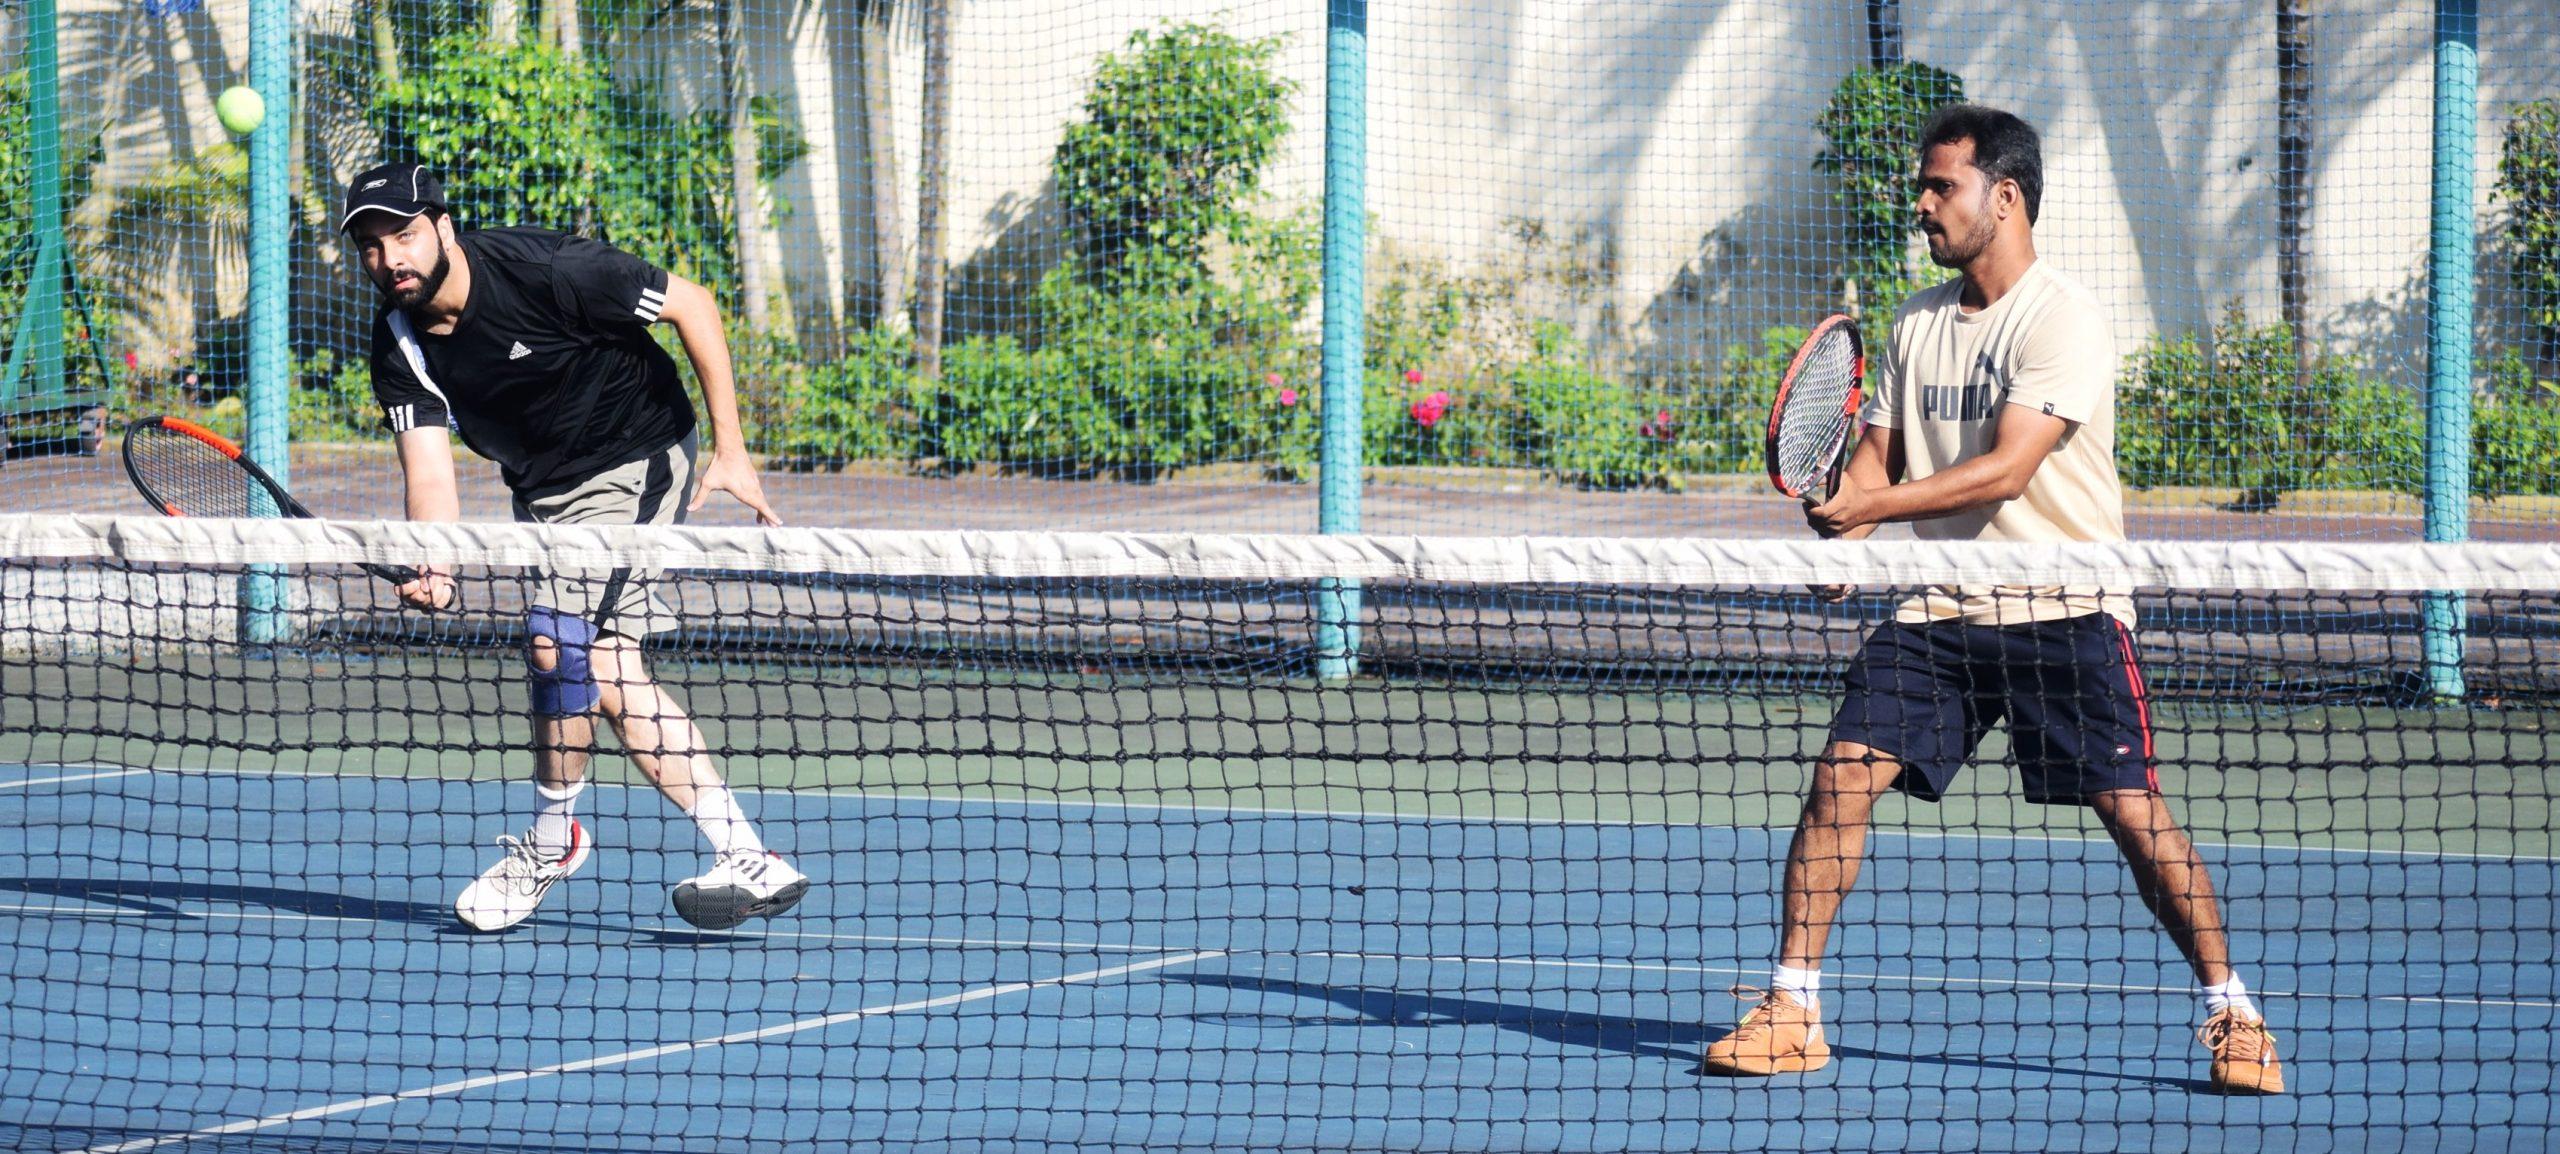 सोलारिस आंतर क्लब टेनिस अजिंक्यपद स्पर्धेत डायमंड्स, डेक्कन चार्जर्स, डेक्कन वॉरियर्स, पीसीएलटीए संघांचा उपांत्य फेरीत प्रवेश